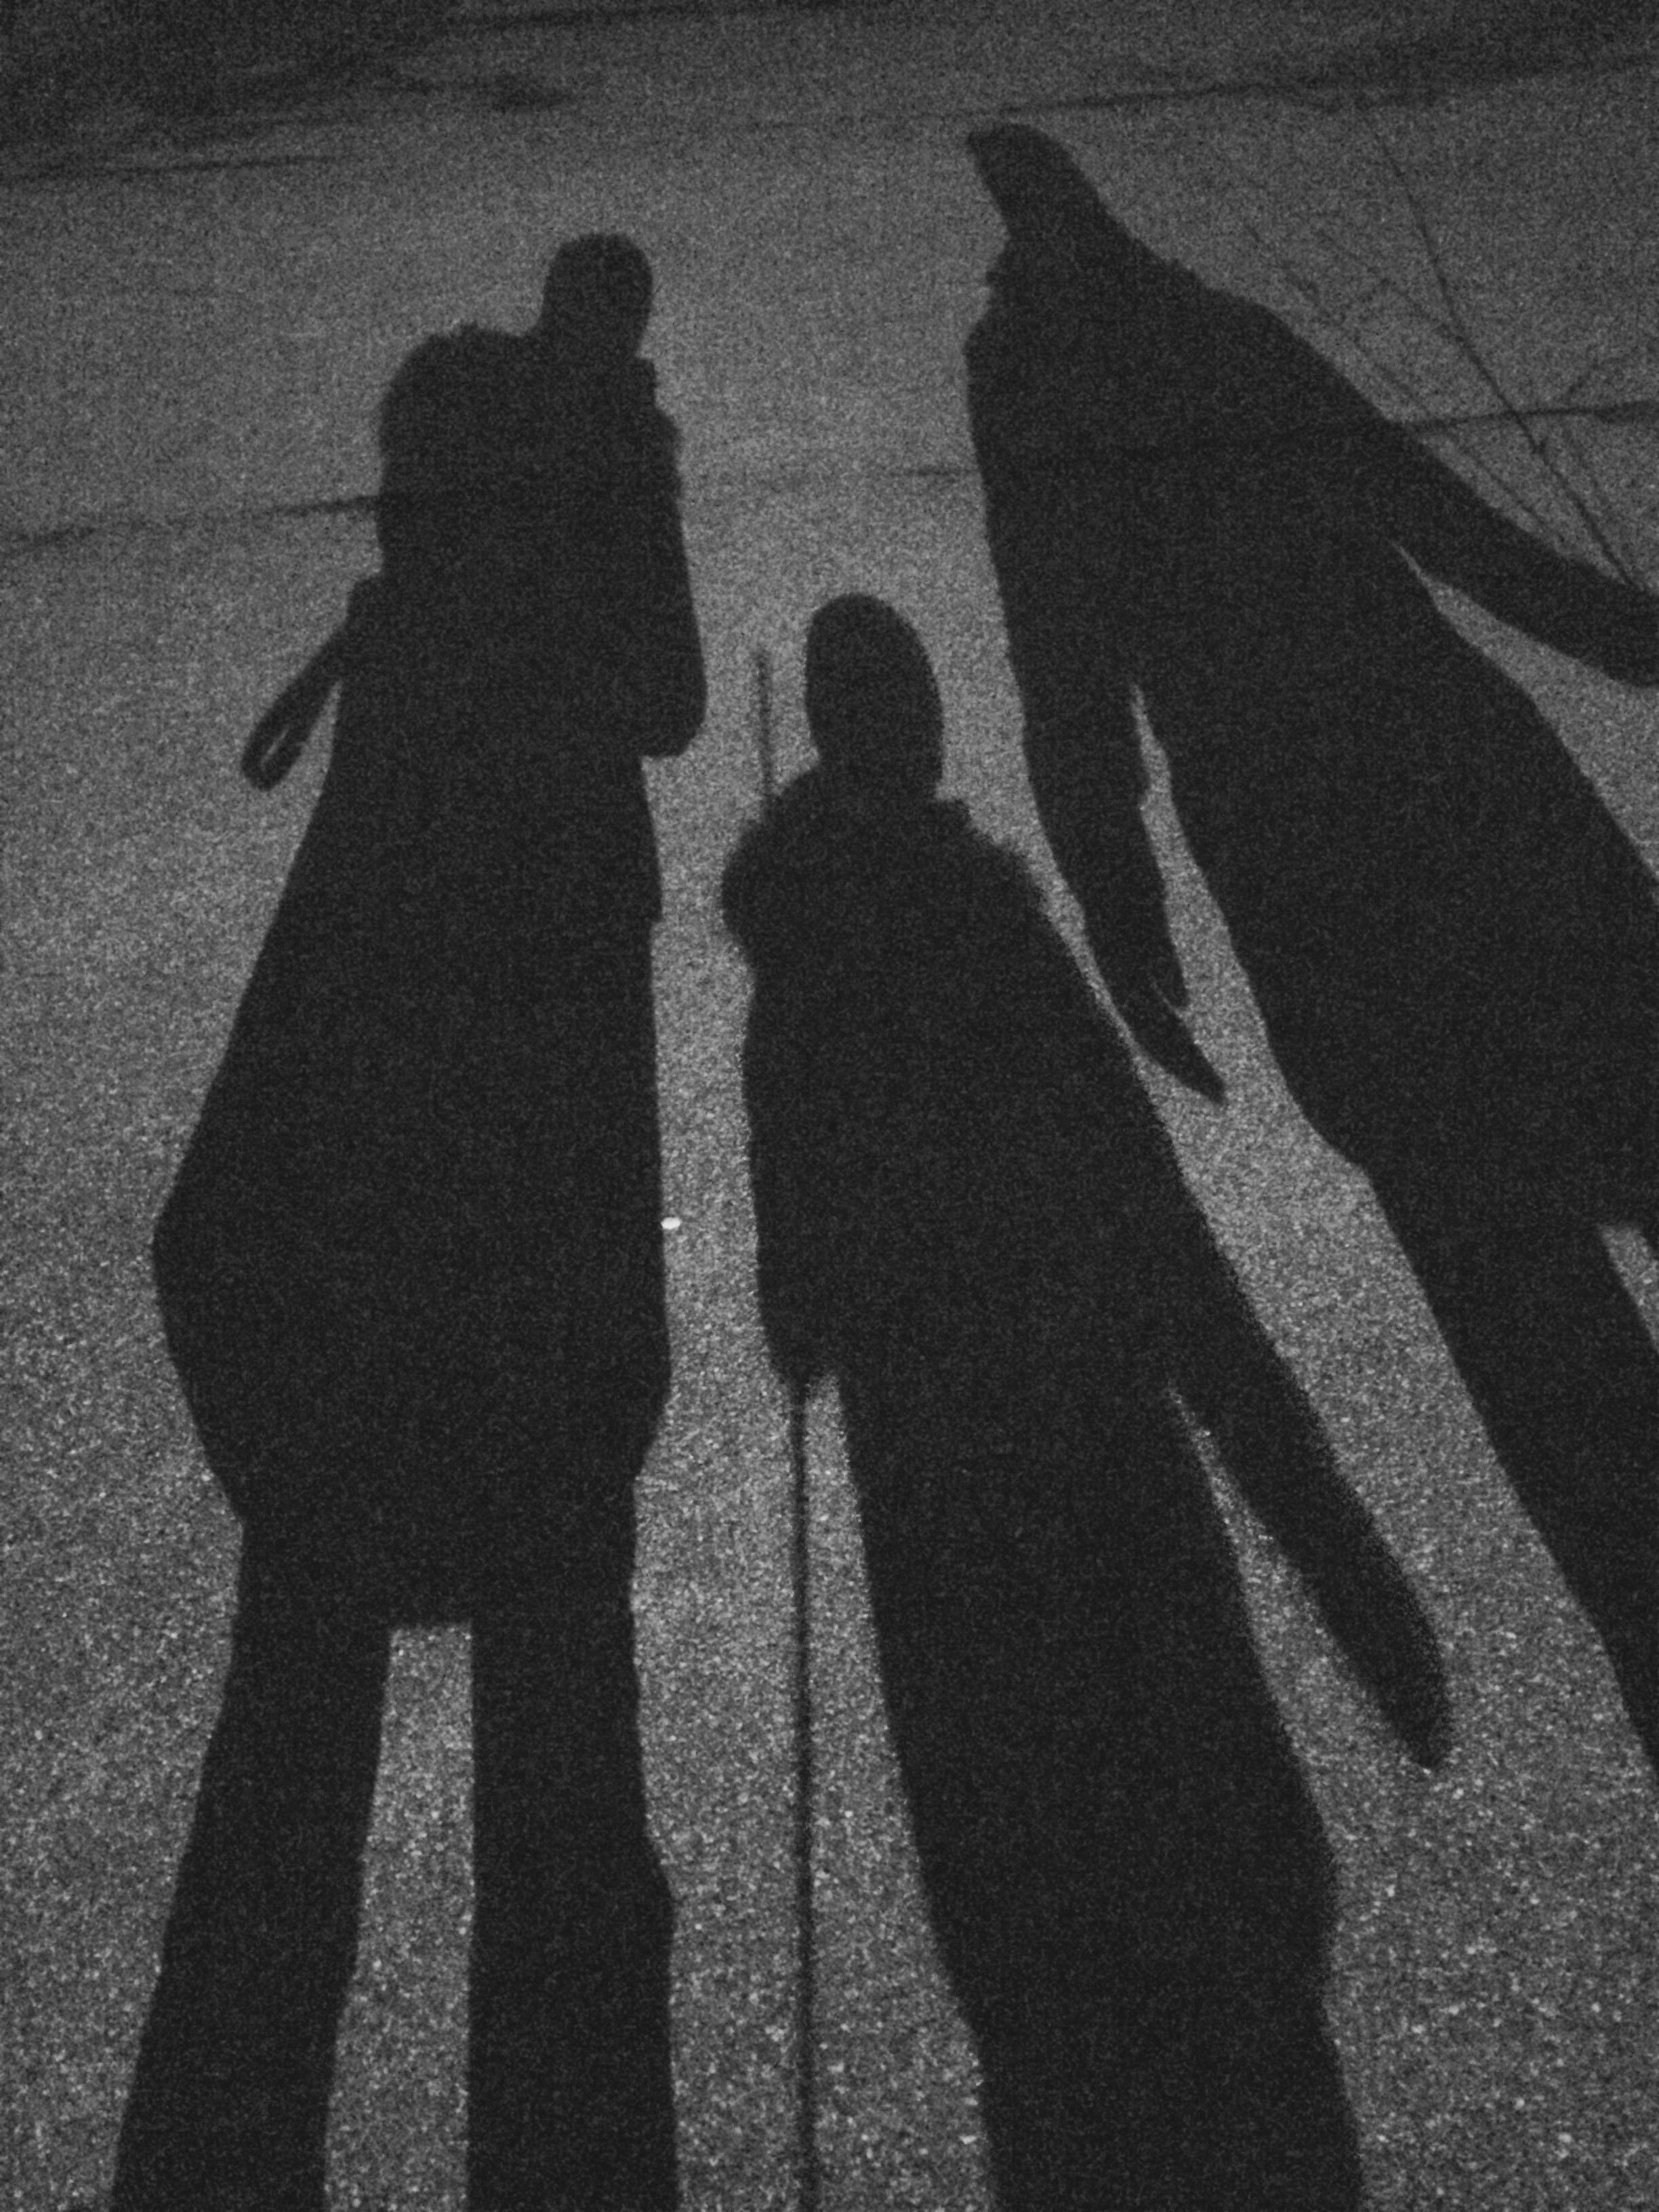 картинки тень на троих всегда фотографируете ручном